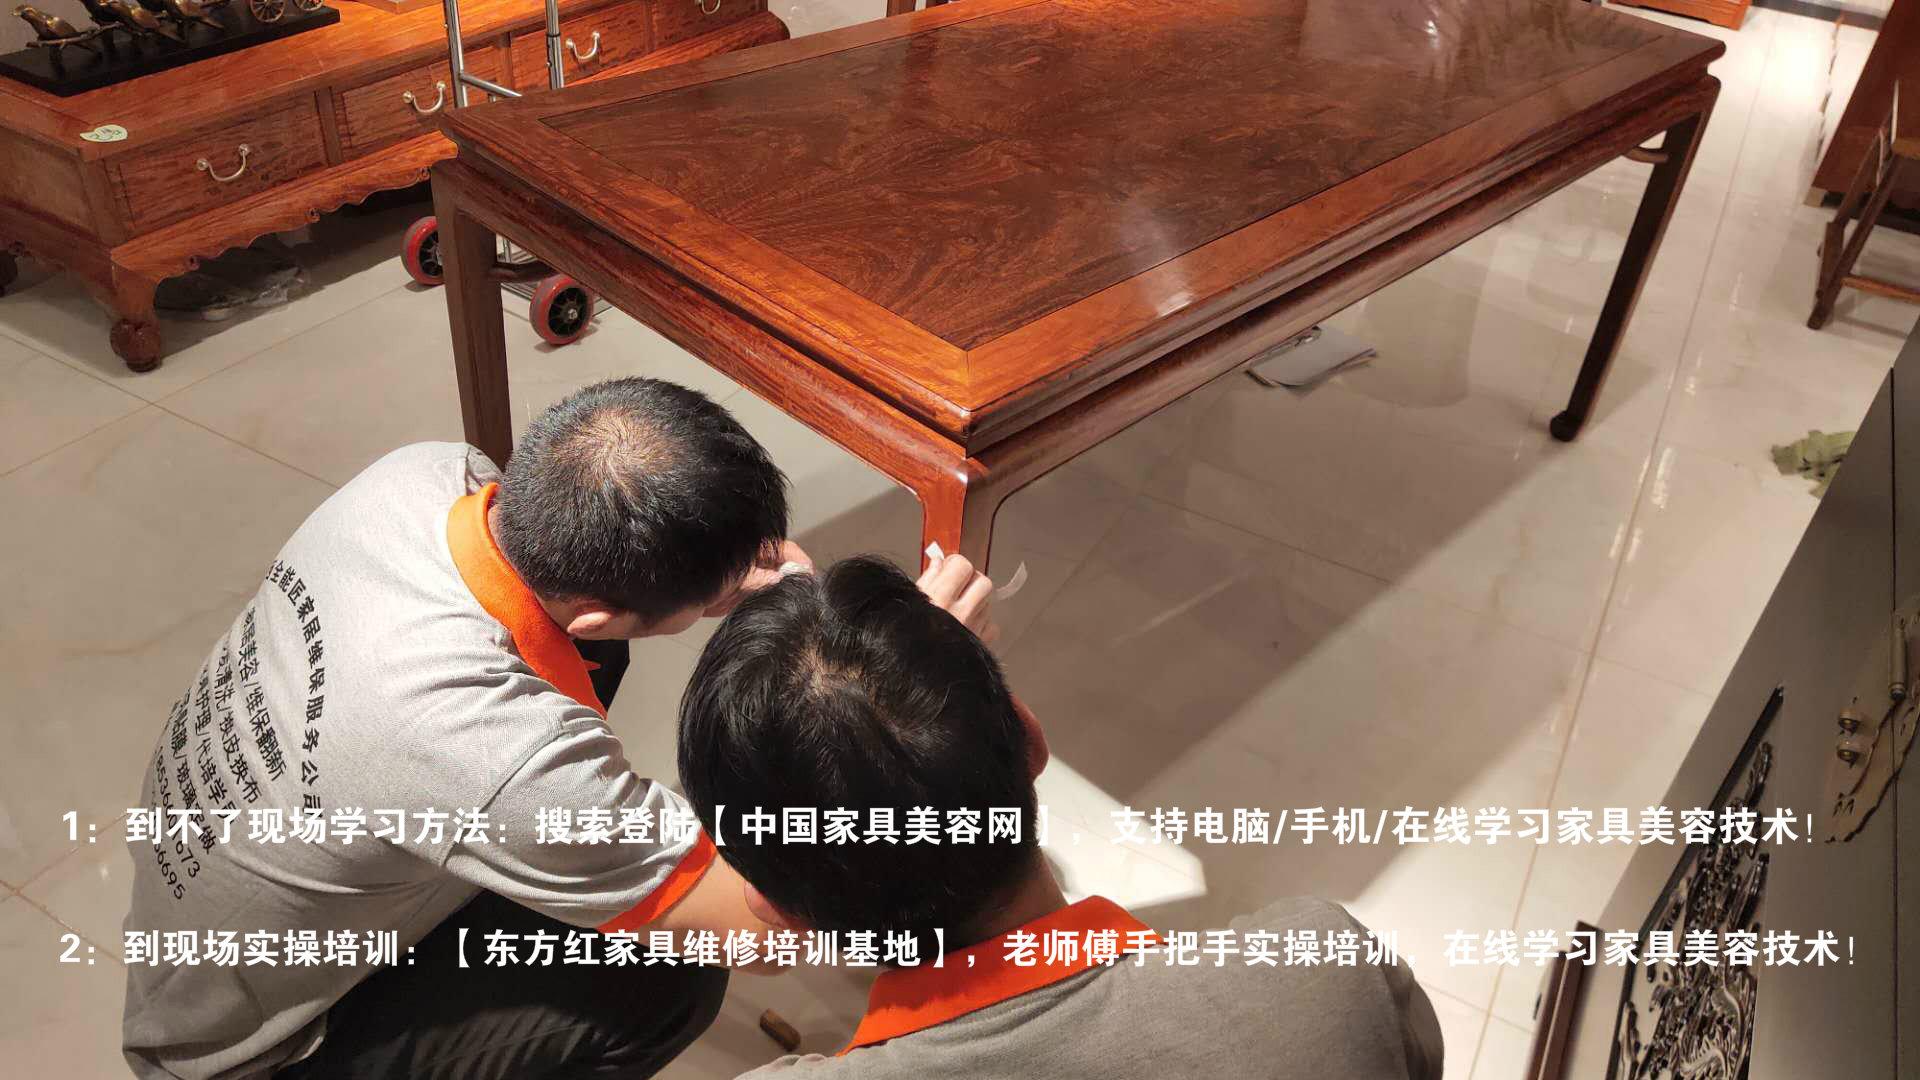 东方红家具美容培训机构:家具修复技术培训领先者,竞争力成为亮点